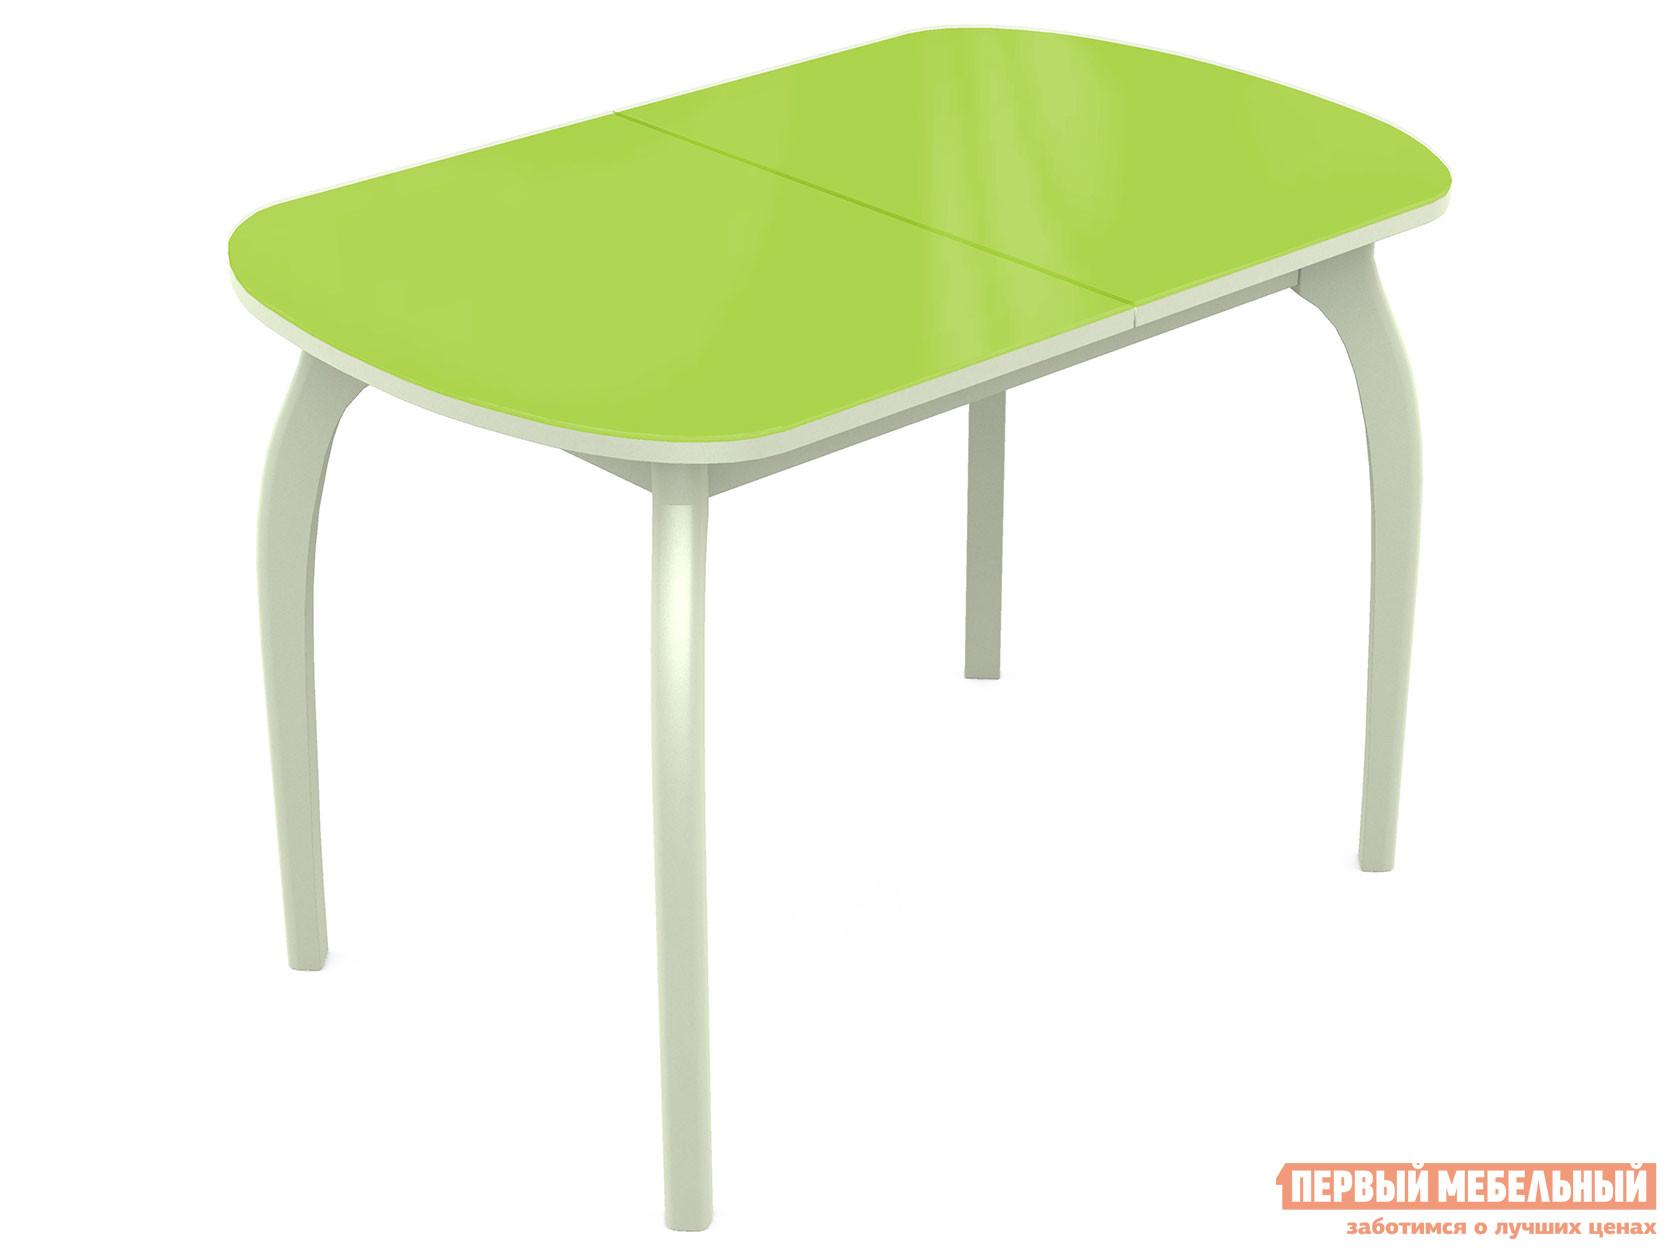 Кухонный стол Линоторг Ривьера - Стекло - Дерево